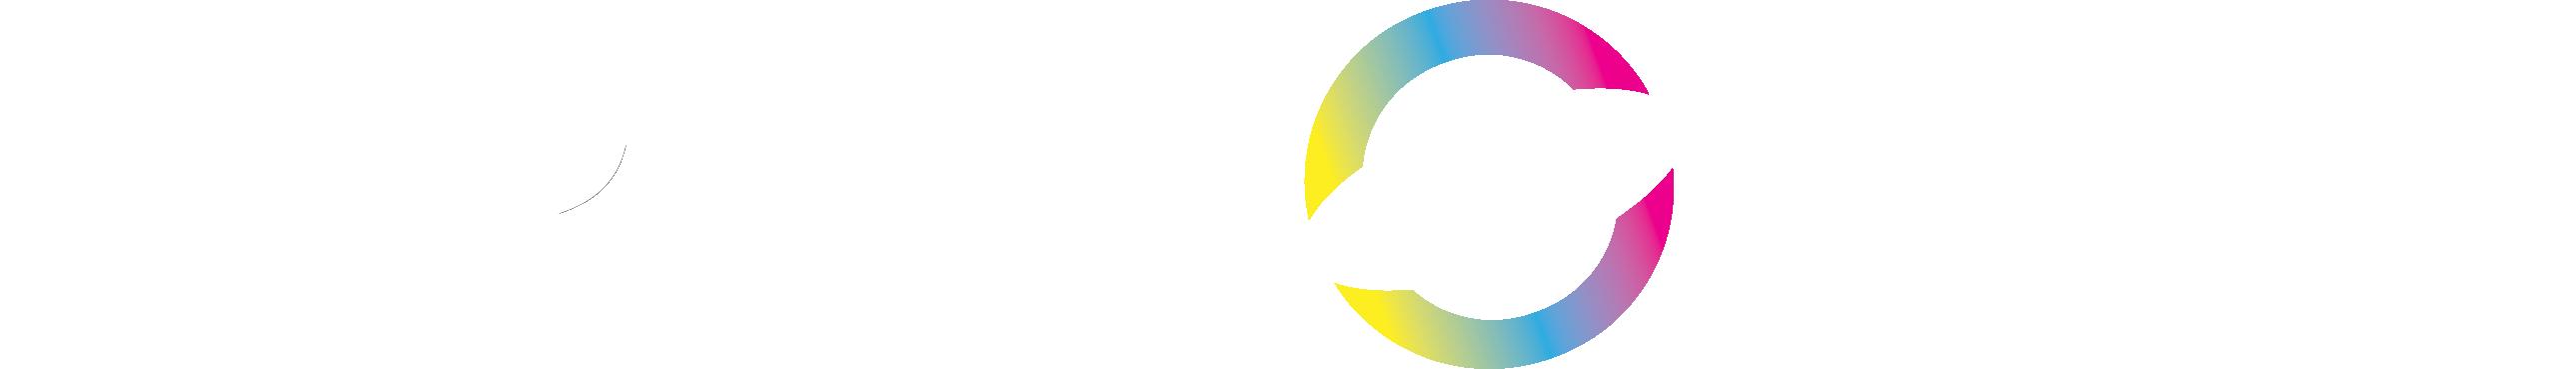 Optronia GmbH